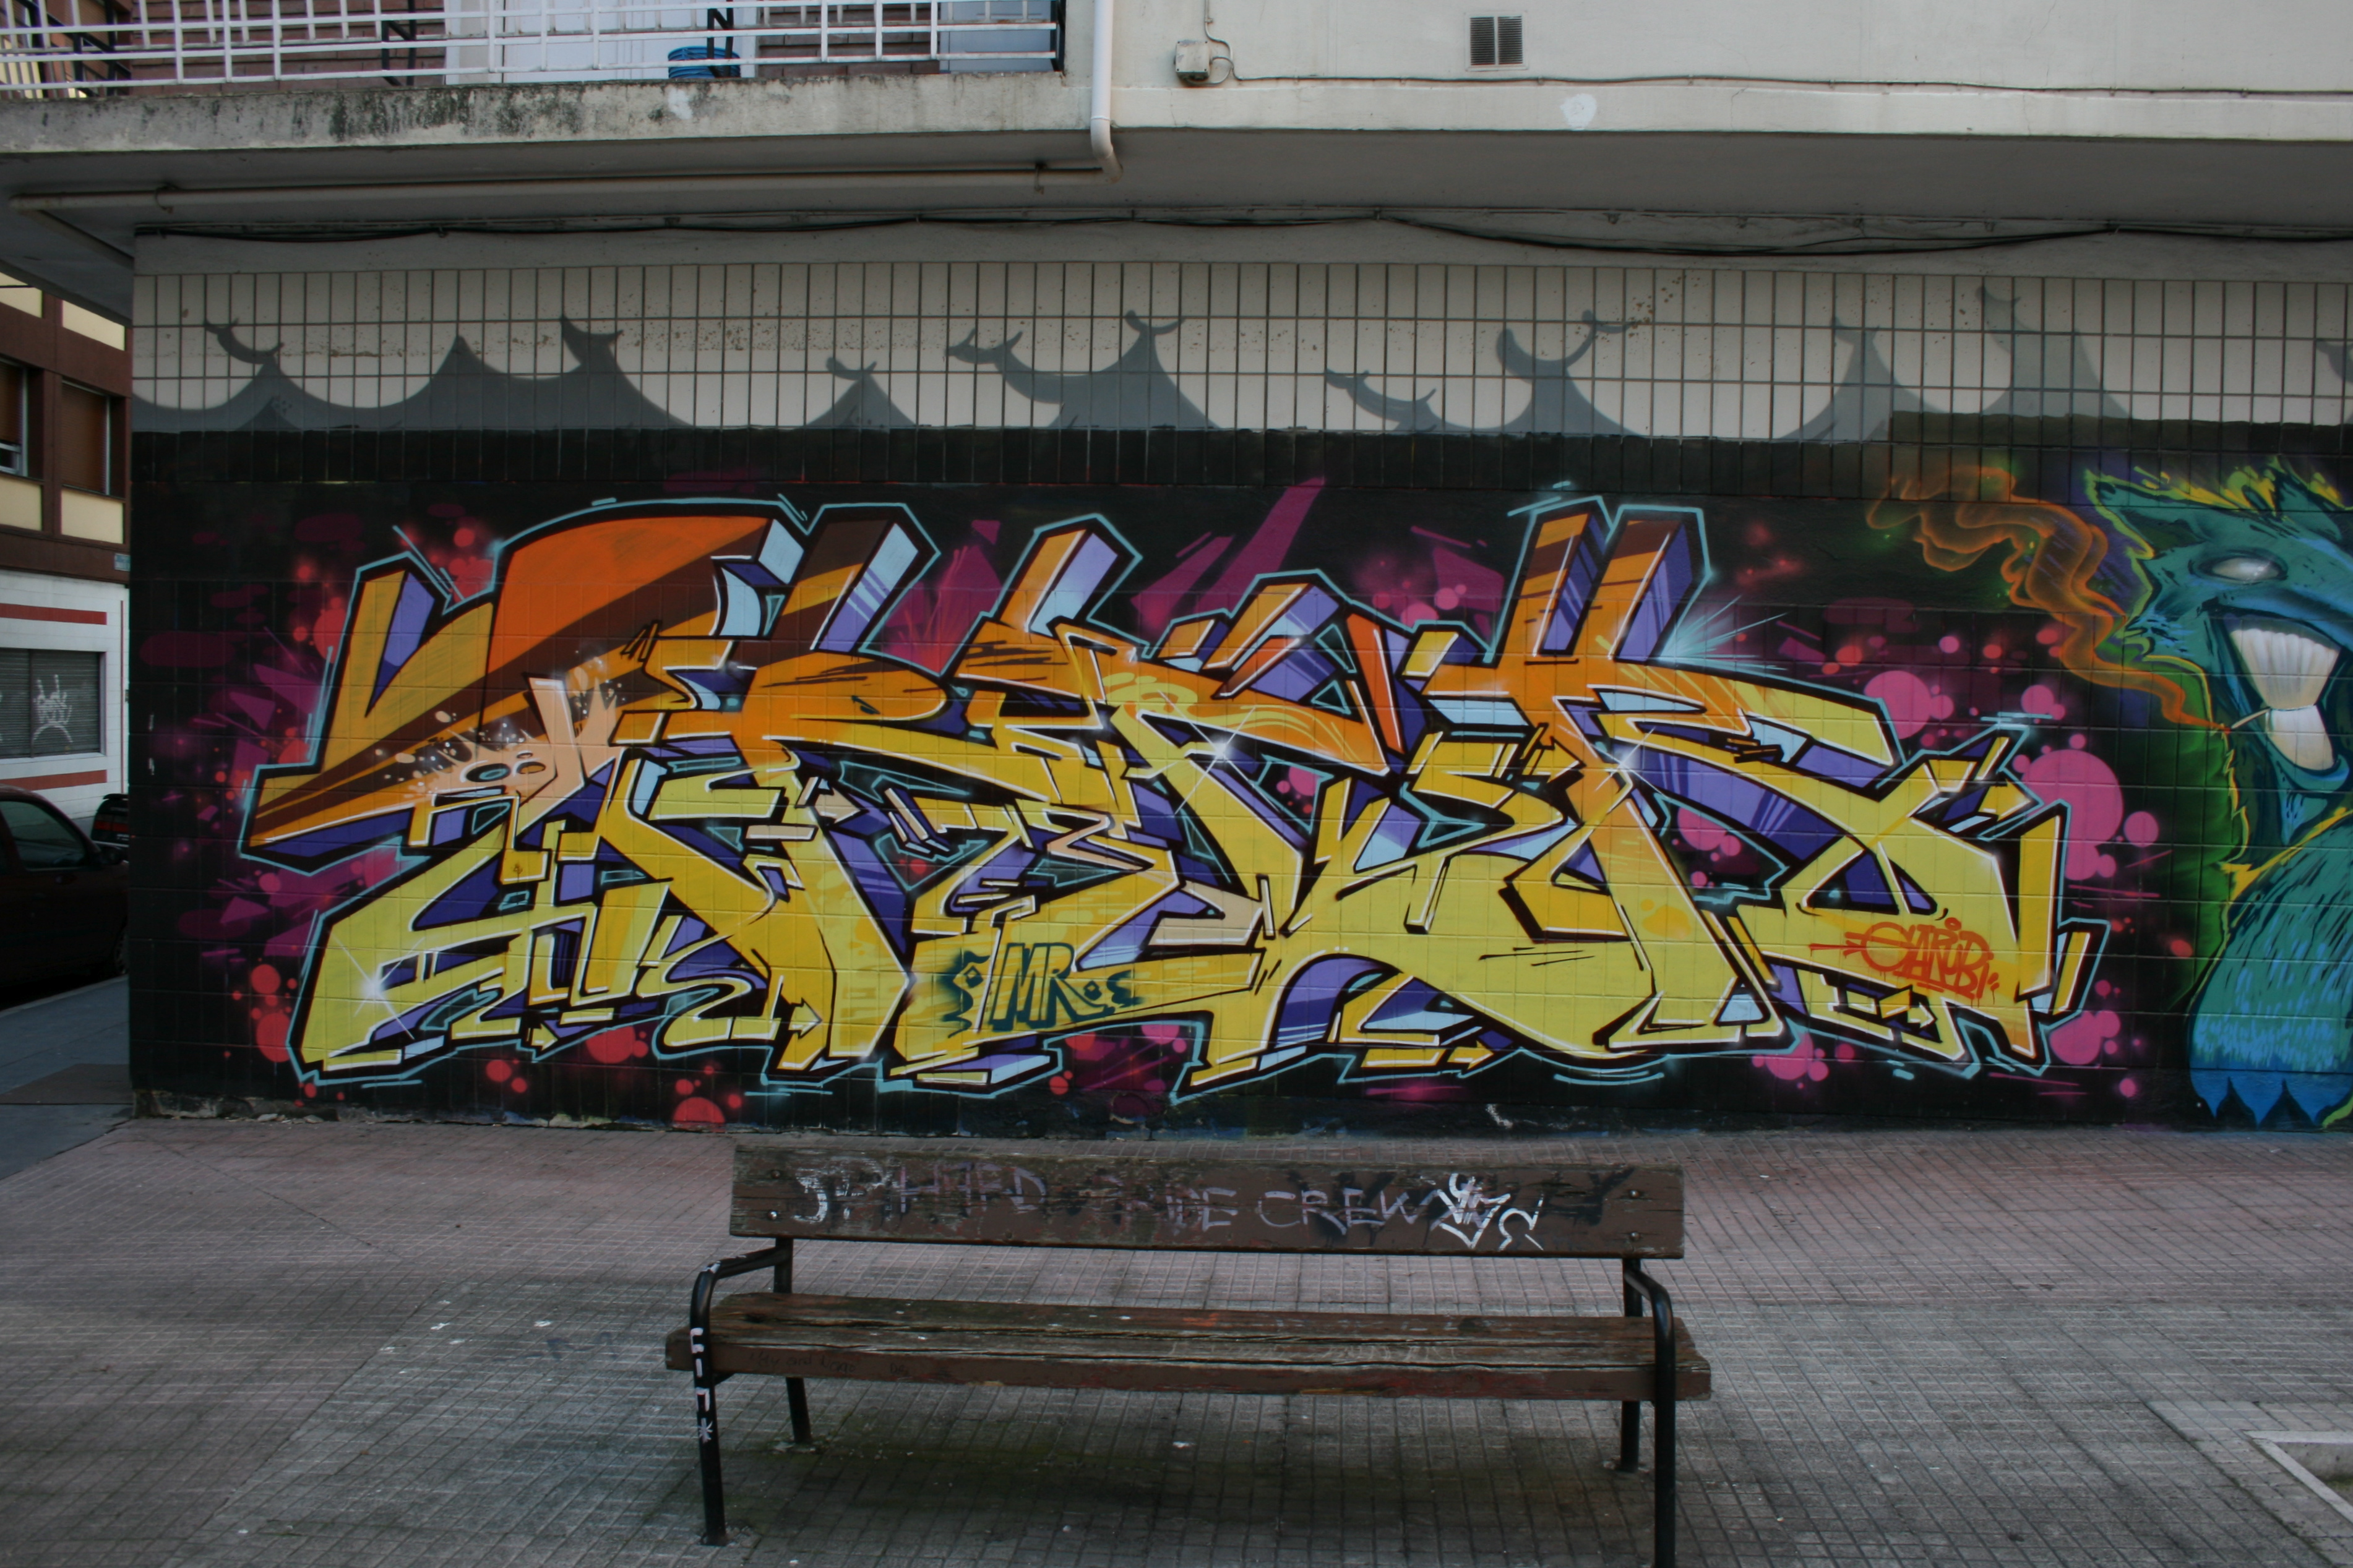 Graffiti arte urbano diario de un p xel - Graffitis en paredes ...